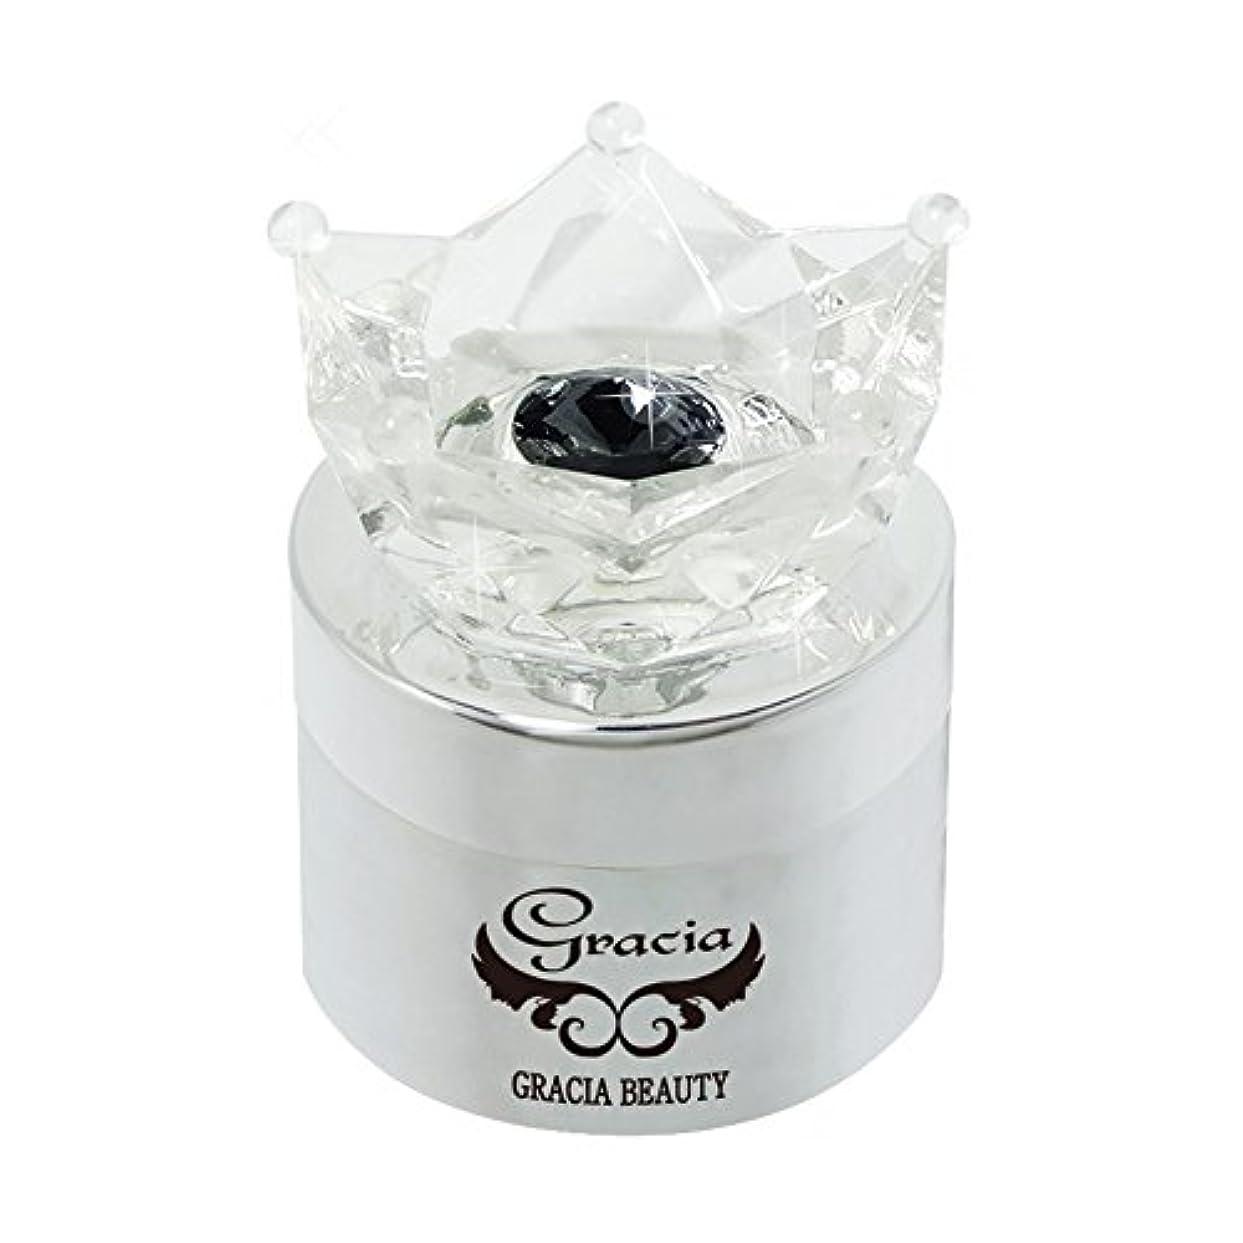 グラシア ジェルネイル コフレットジェル GJ-145G 5g ホワイト グリッター UV/LED対応 カラージェル ソークオフジェル